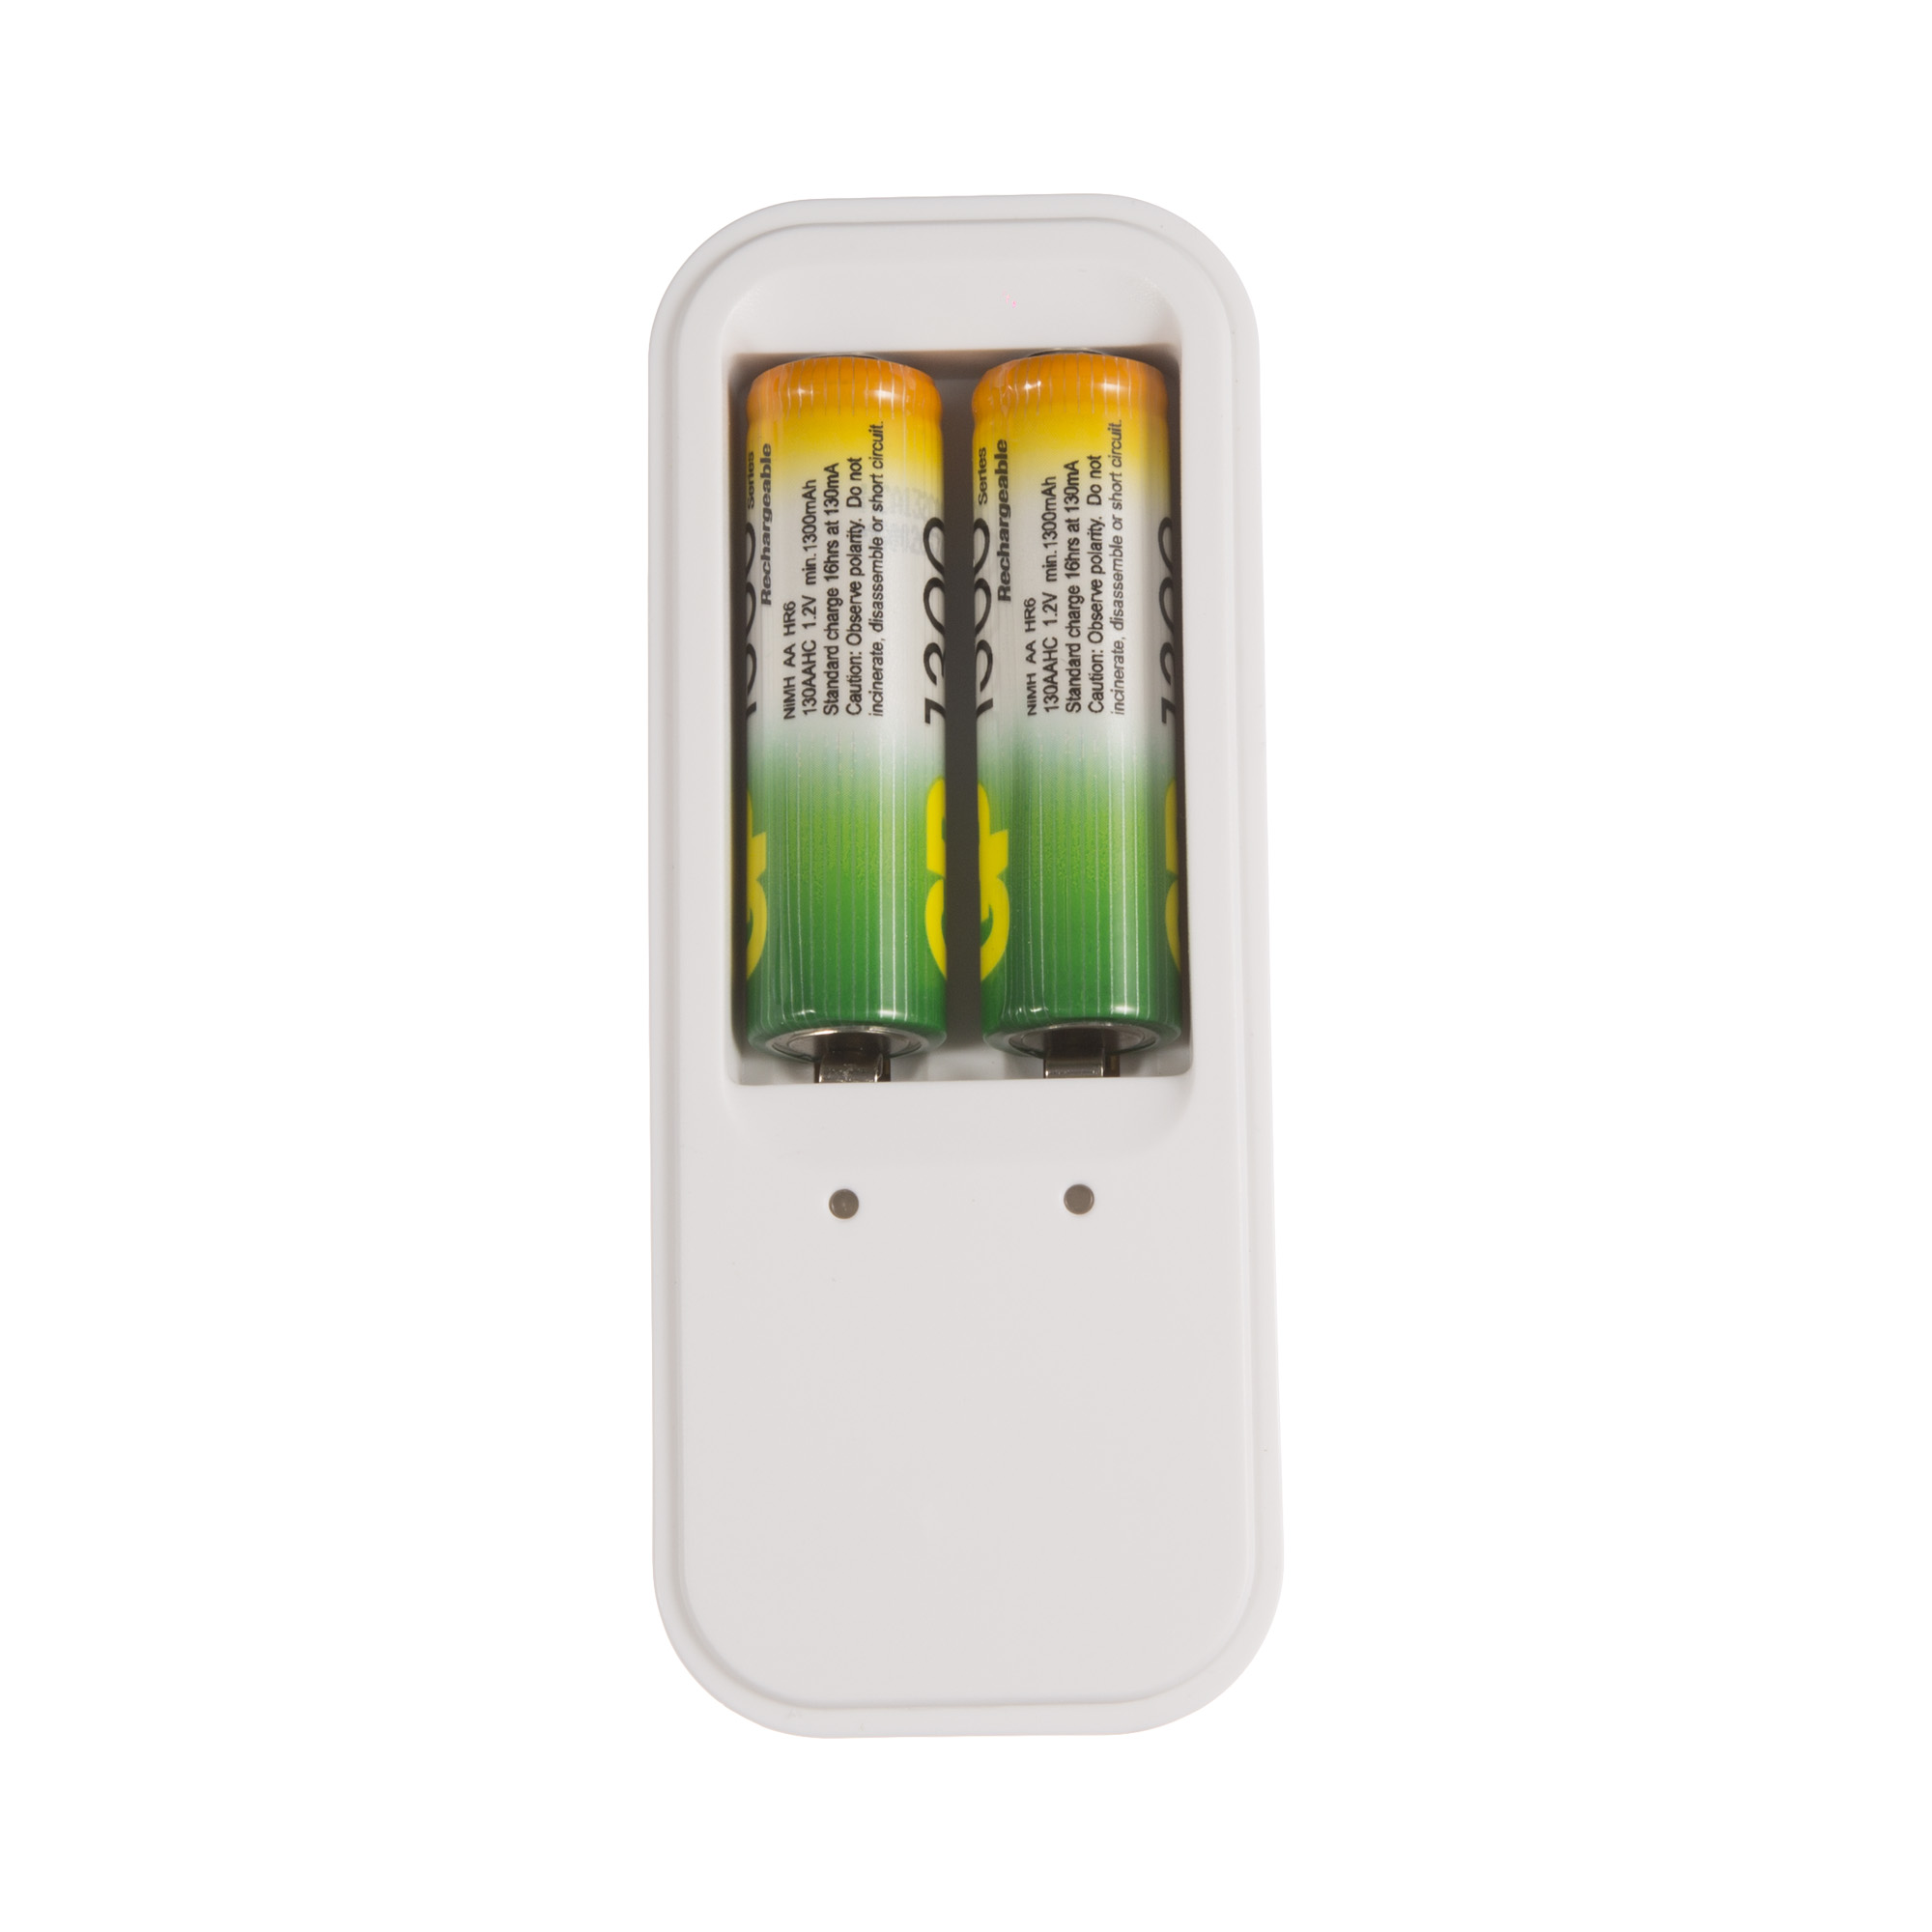 Зарядное устройство и 2 аккумулятора АА 1300мАч зарядное устройство для аккумулятора bosch c7 0 189 999 07m